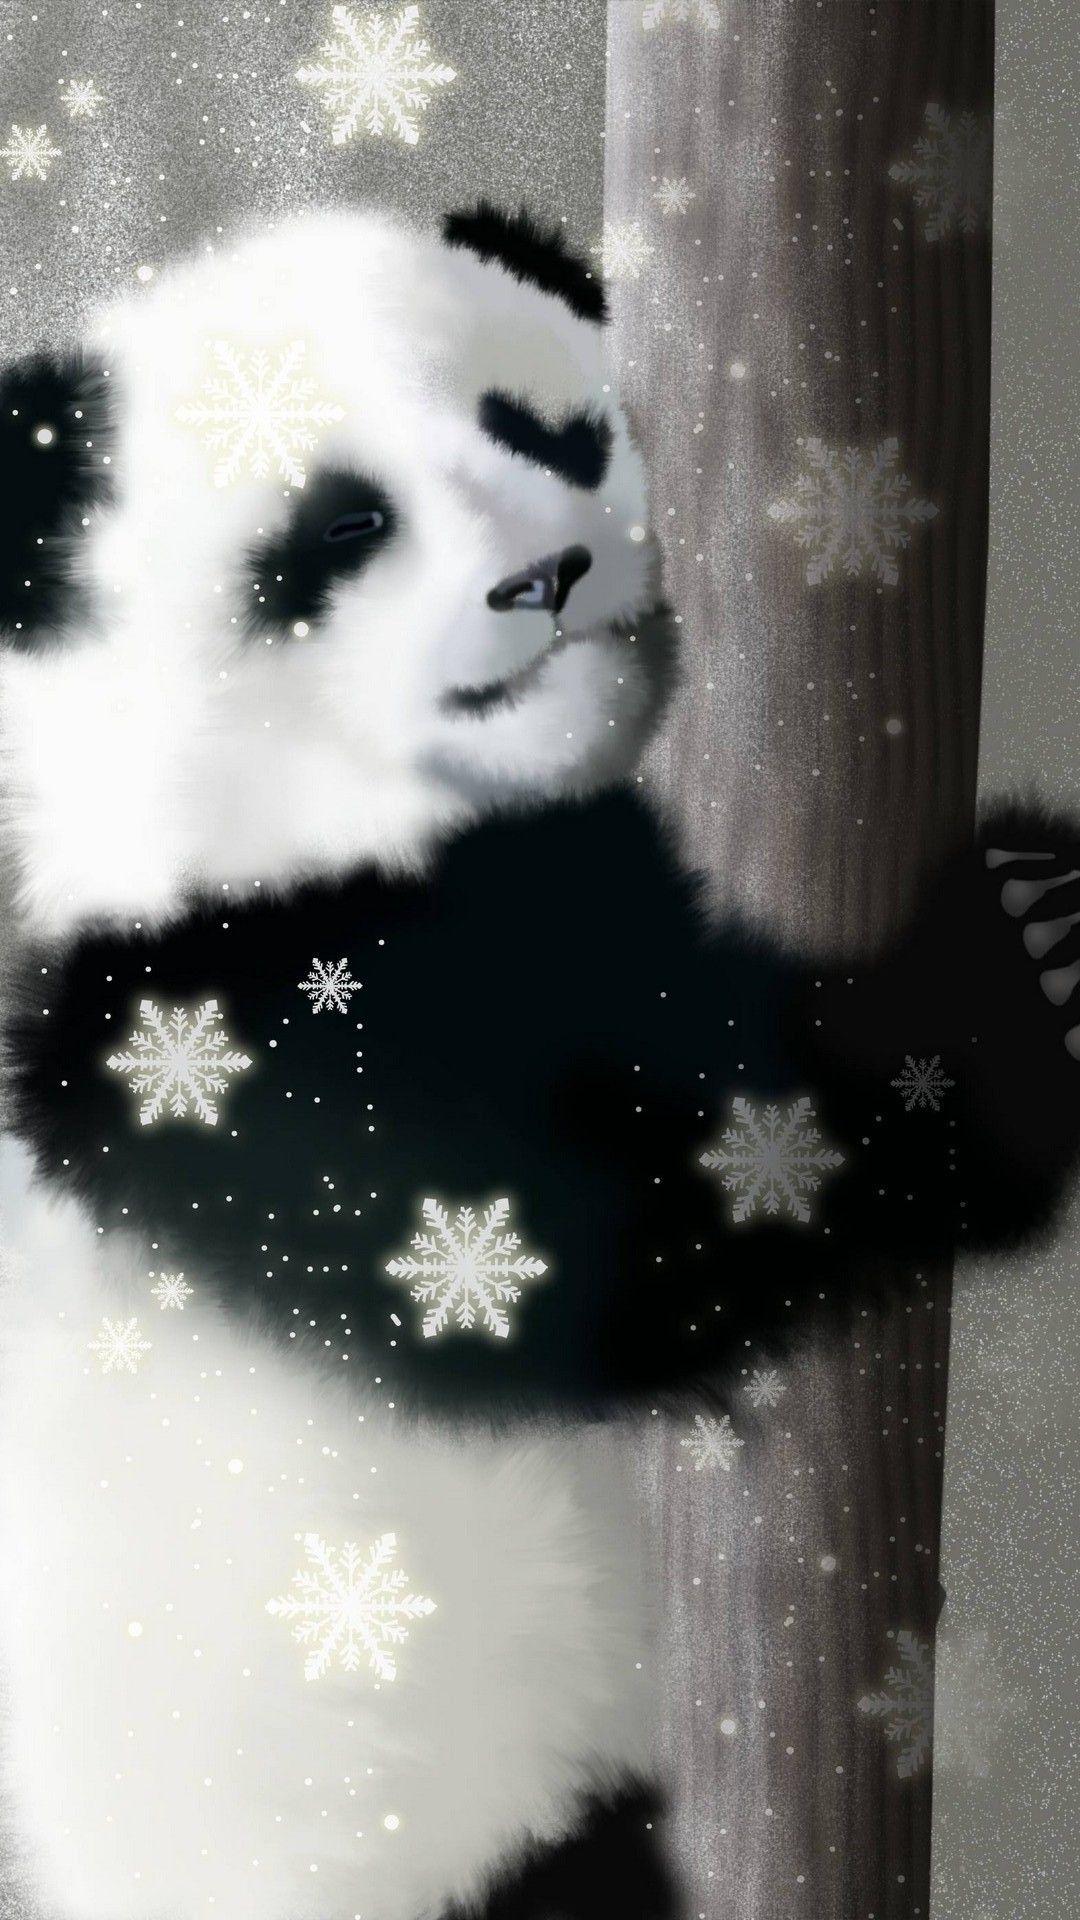 Black Panda Hd Wallpaper Android Cute Panda Wallpaper Panda Wallpapers Android Wallpaper